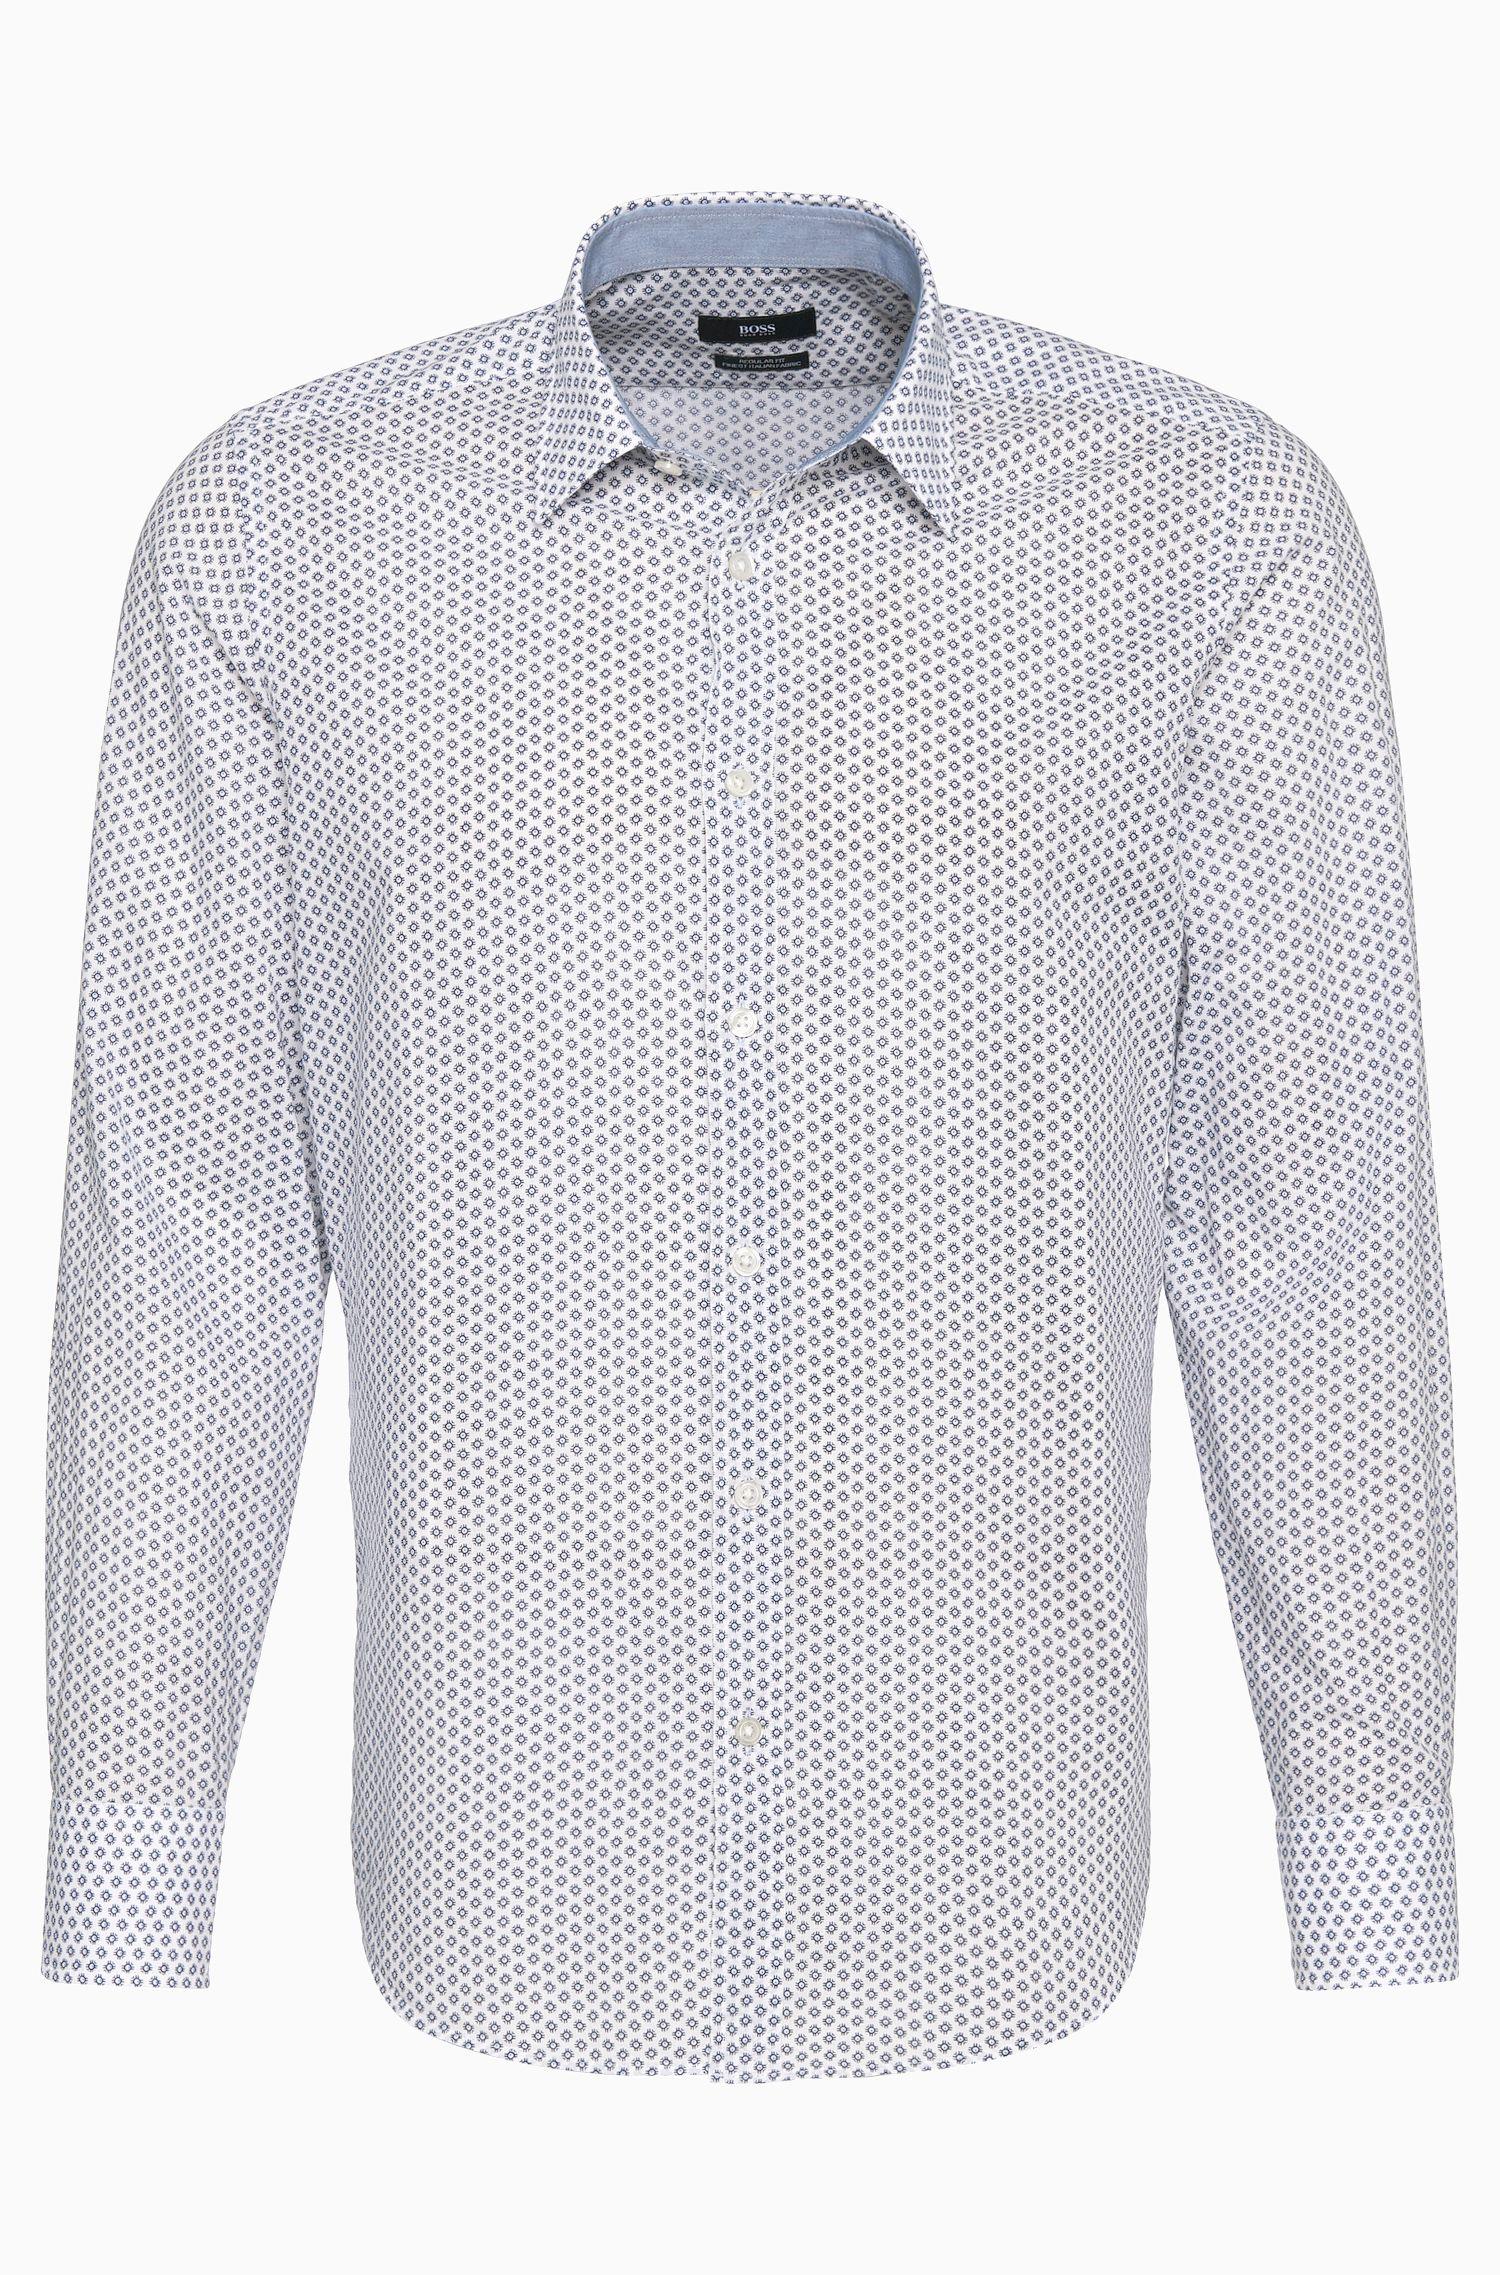 'Lukas' | Regular Fit, Cotton Button Down Shirt